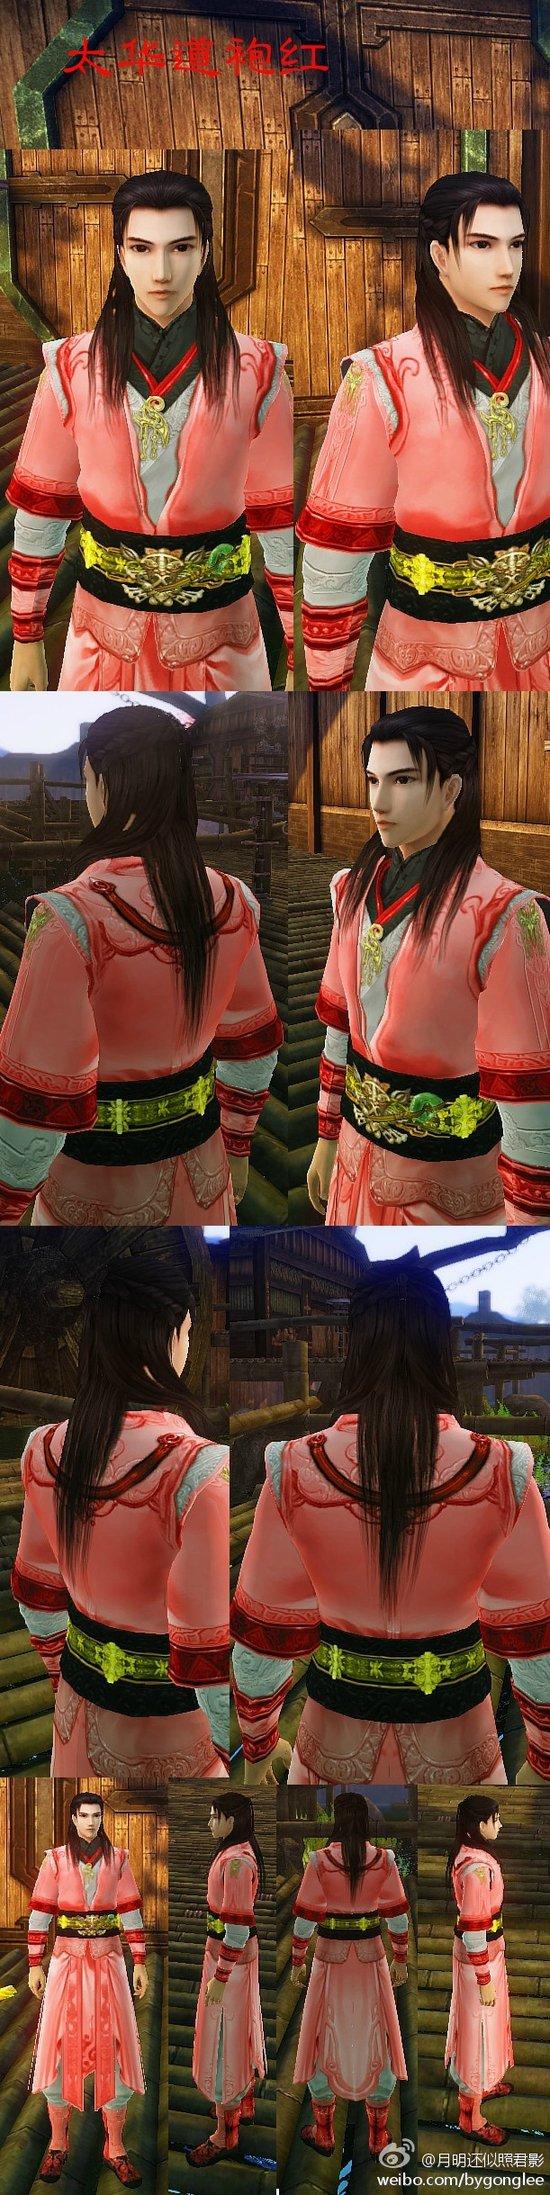 《古剑2》MOD 夏夷则外装mod红色版太华道袍